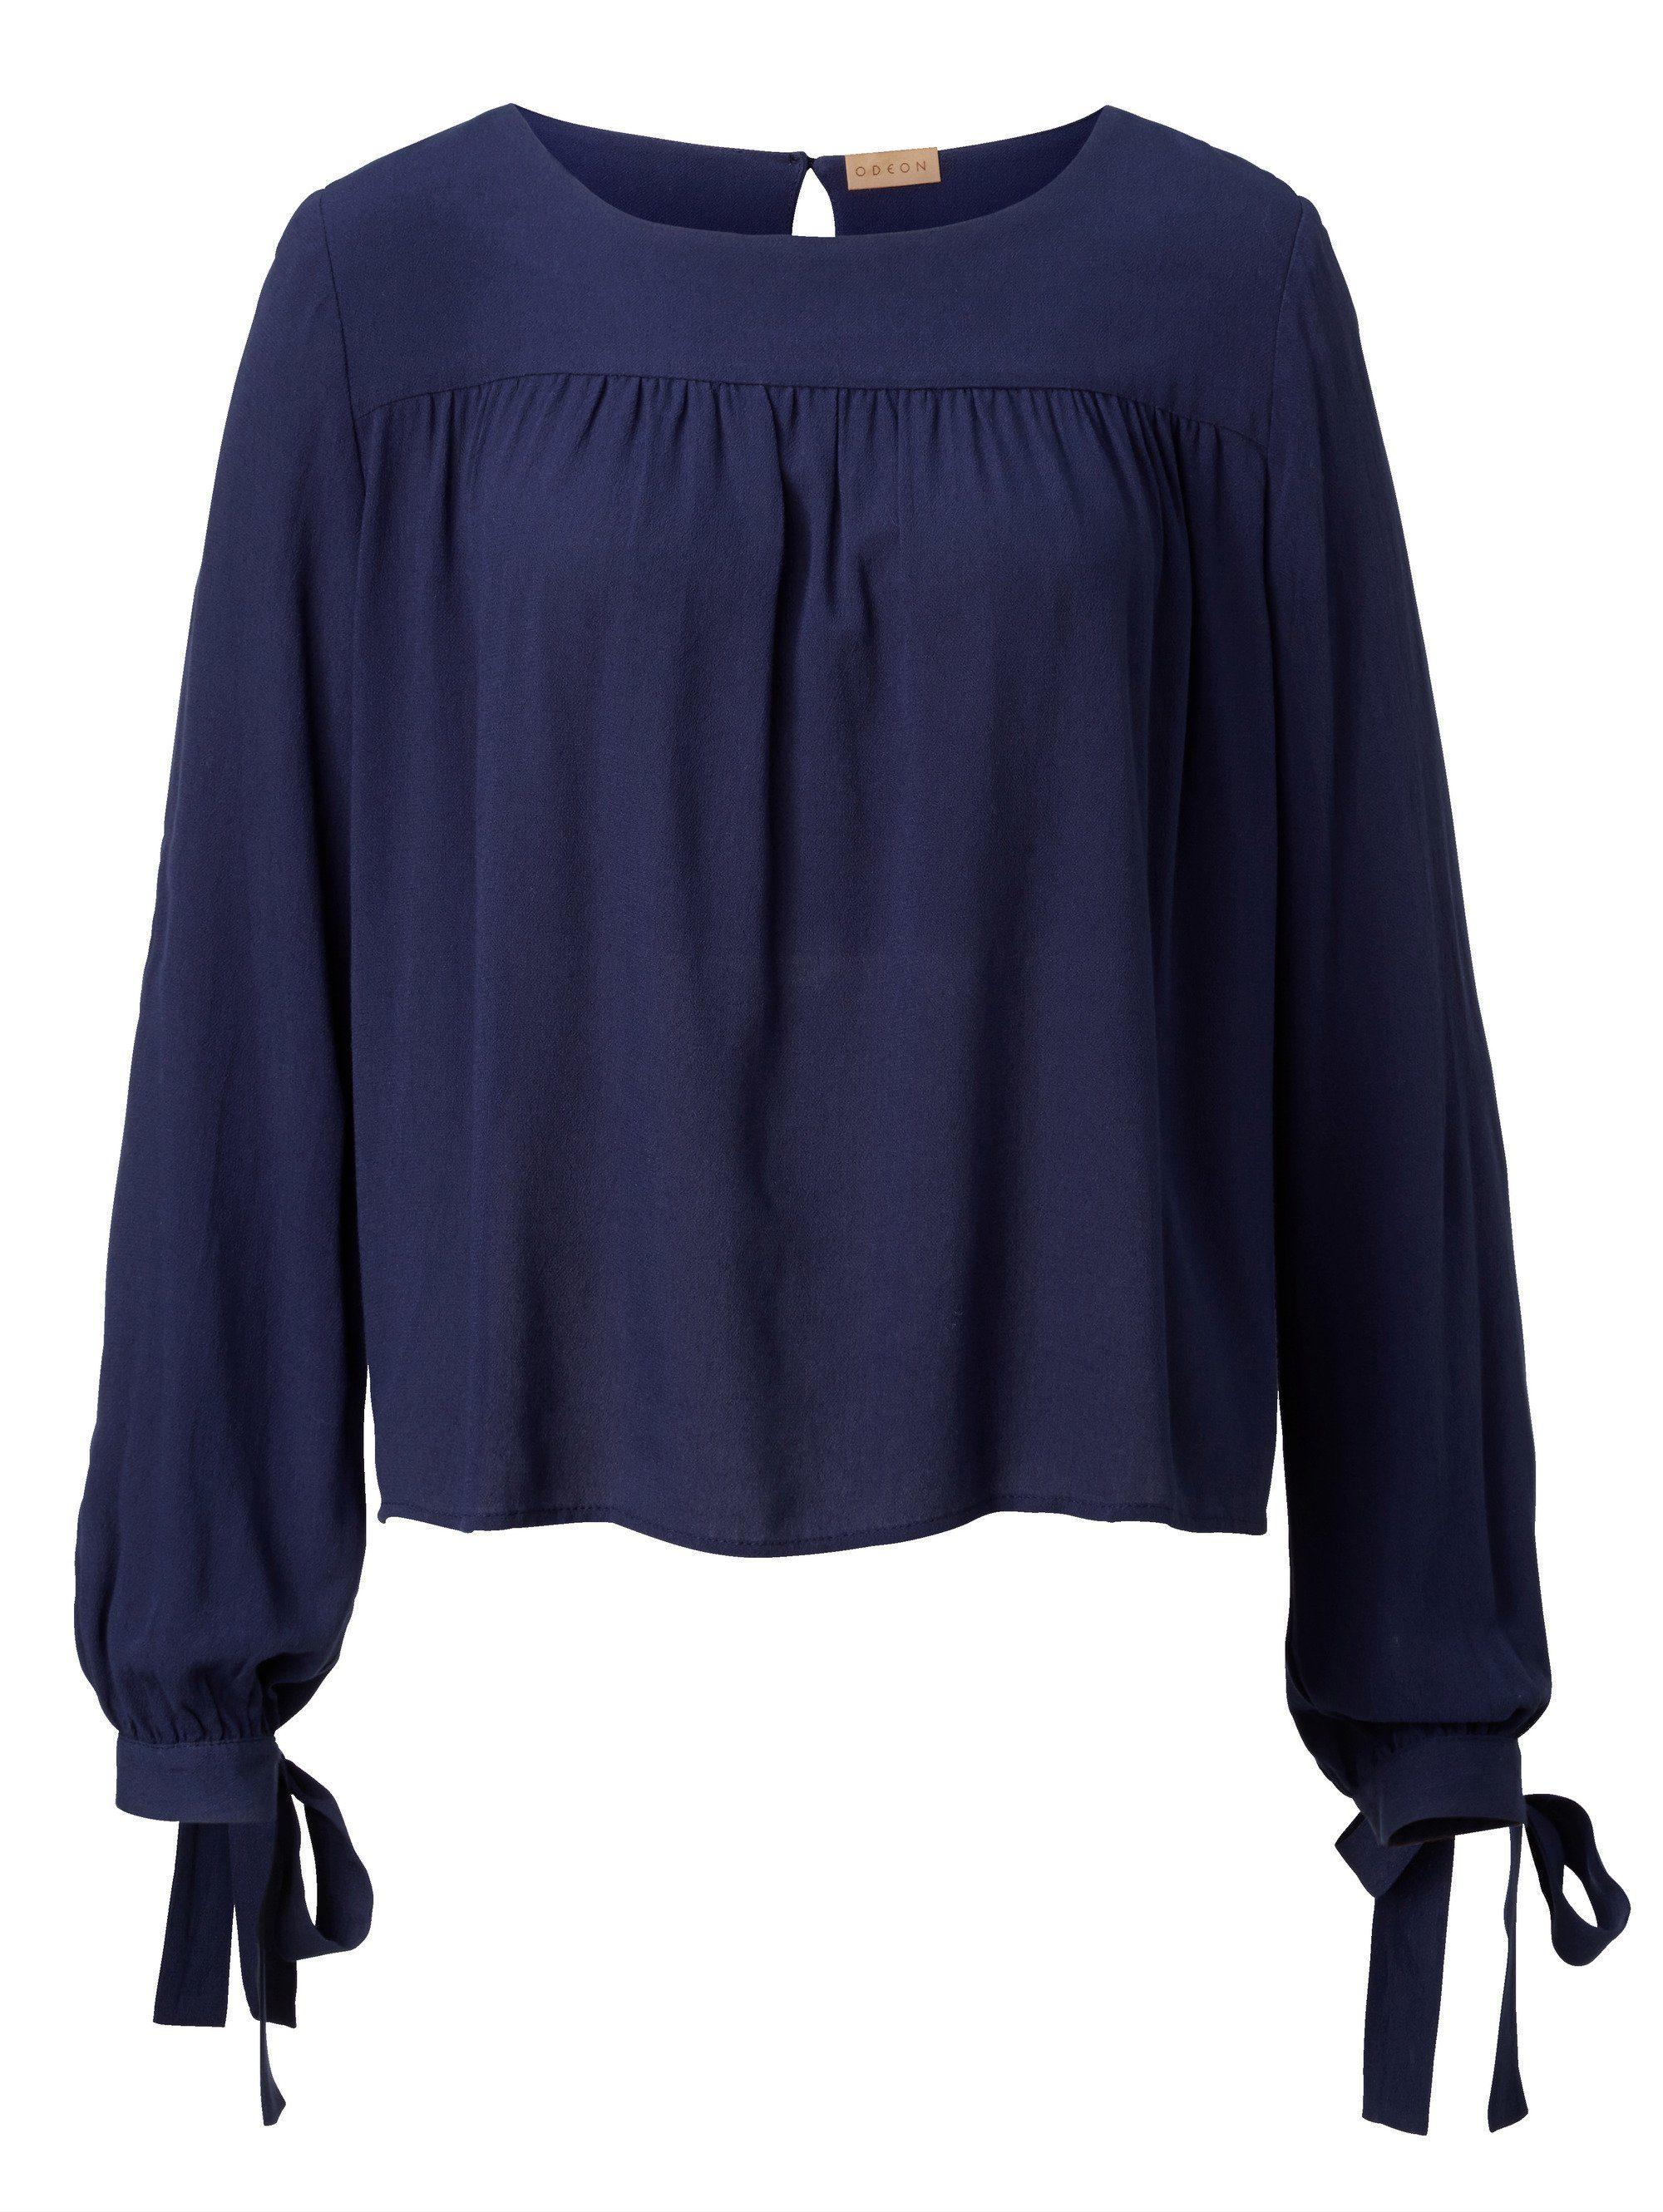 ODEON Bluse mit Bindebändern am Armabschluss